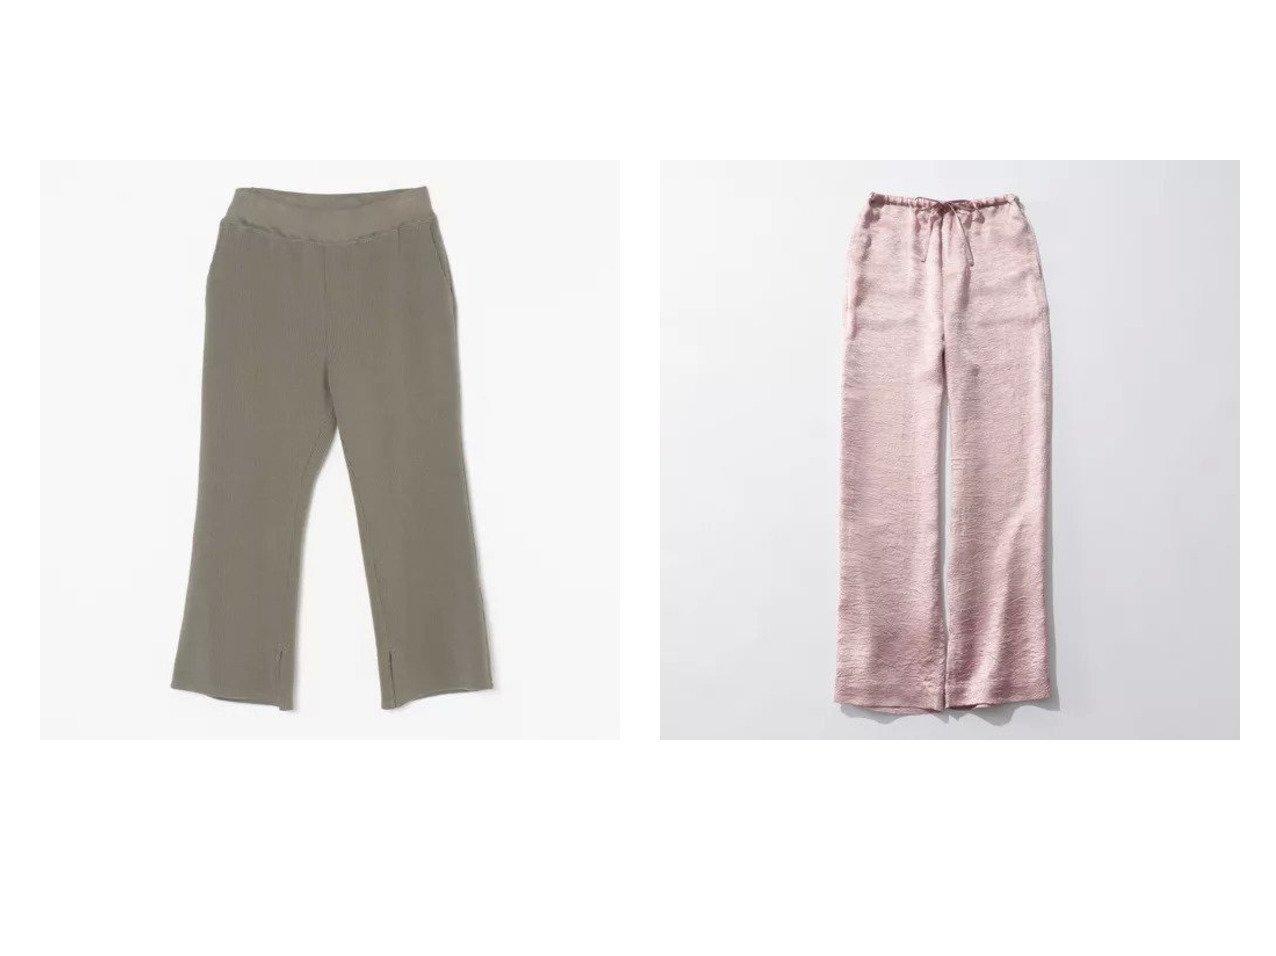 【Americana/アメリカーナ】のオールドリブスリットパンツ&【Shinzone/シンゾーン】のSATIN PANTS パンツのおすすめ!人気、トレンド・レディースファッションの通販 おすすめで人気の流行・トレンド、ファッションの通販商品 メンズファッション・キッズファッション・インテリア・家具・レディースファッション・服の通販 founy(ファニー) https://founy.com/ ファッション Fashion レディースファッション WOMEN パンツ Pants ギャザー サテン パジャマ ボトム リラックス 洗える |ID:crp329100000025266